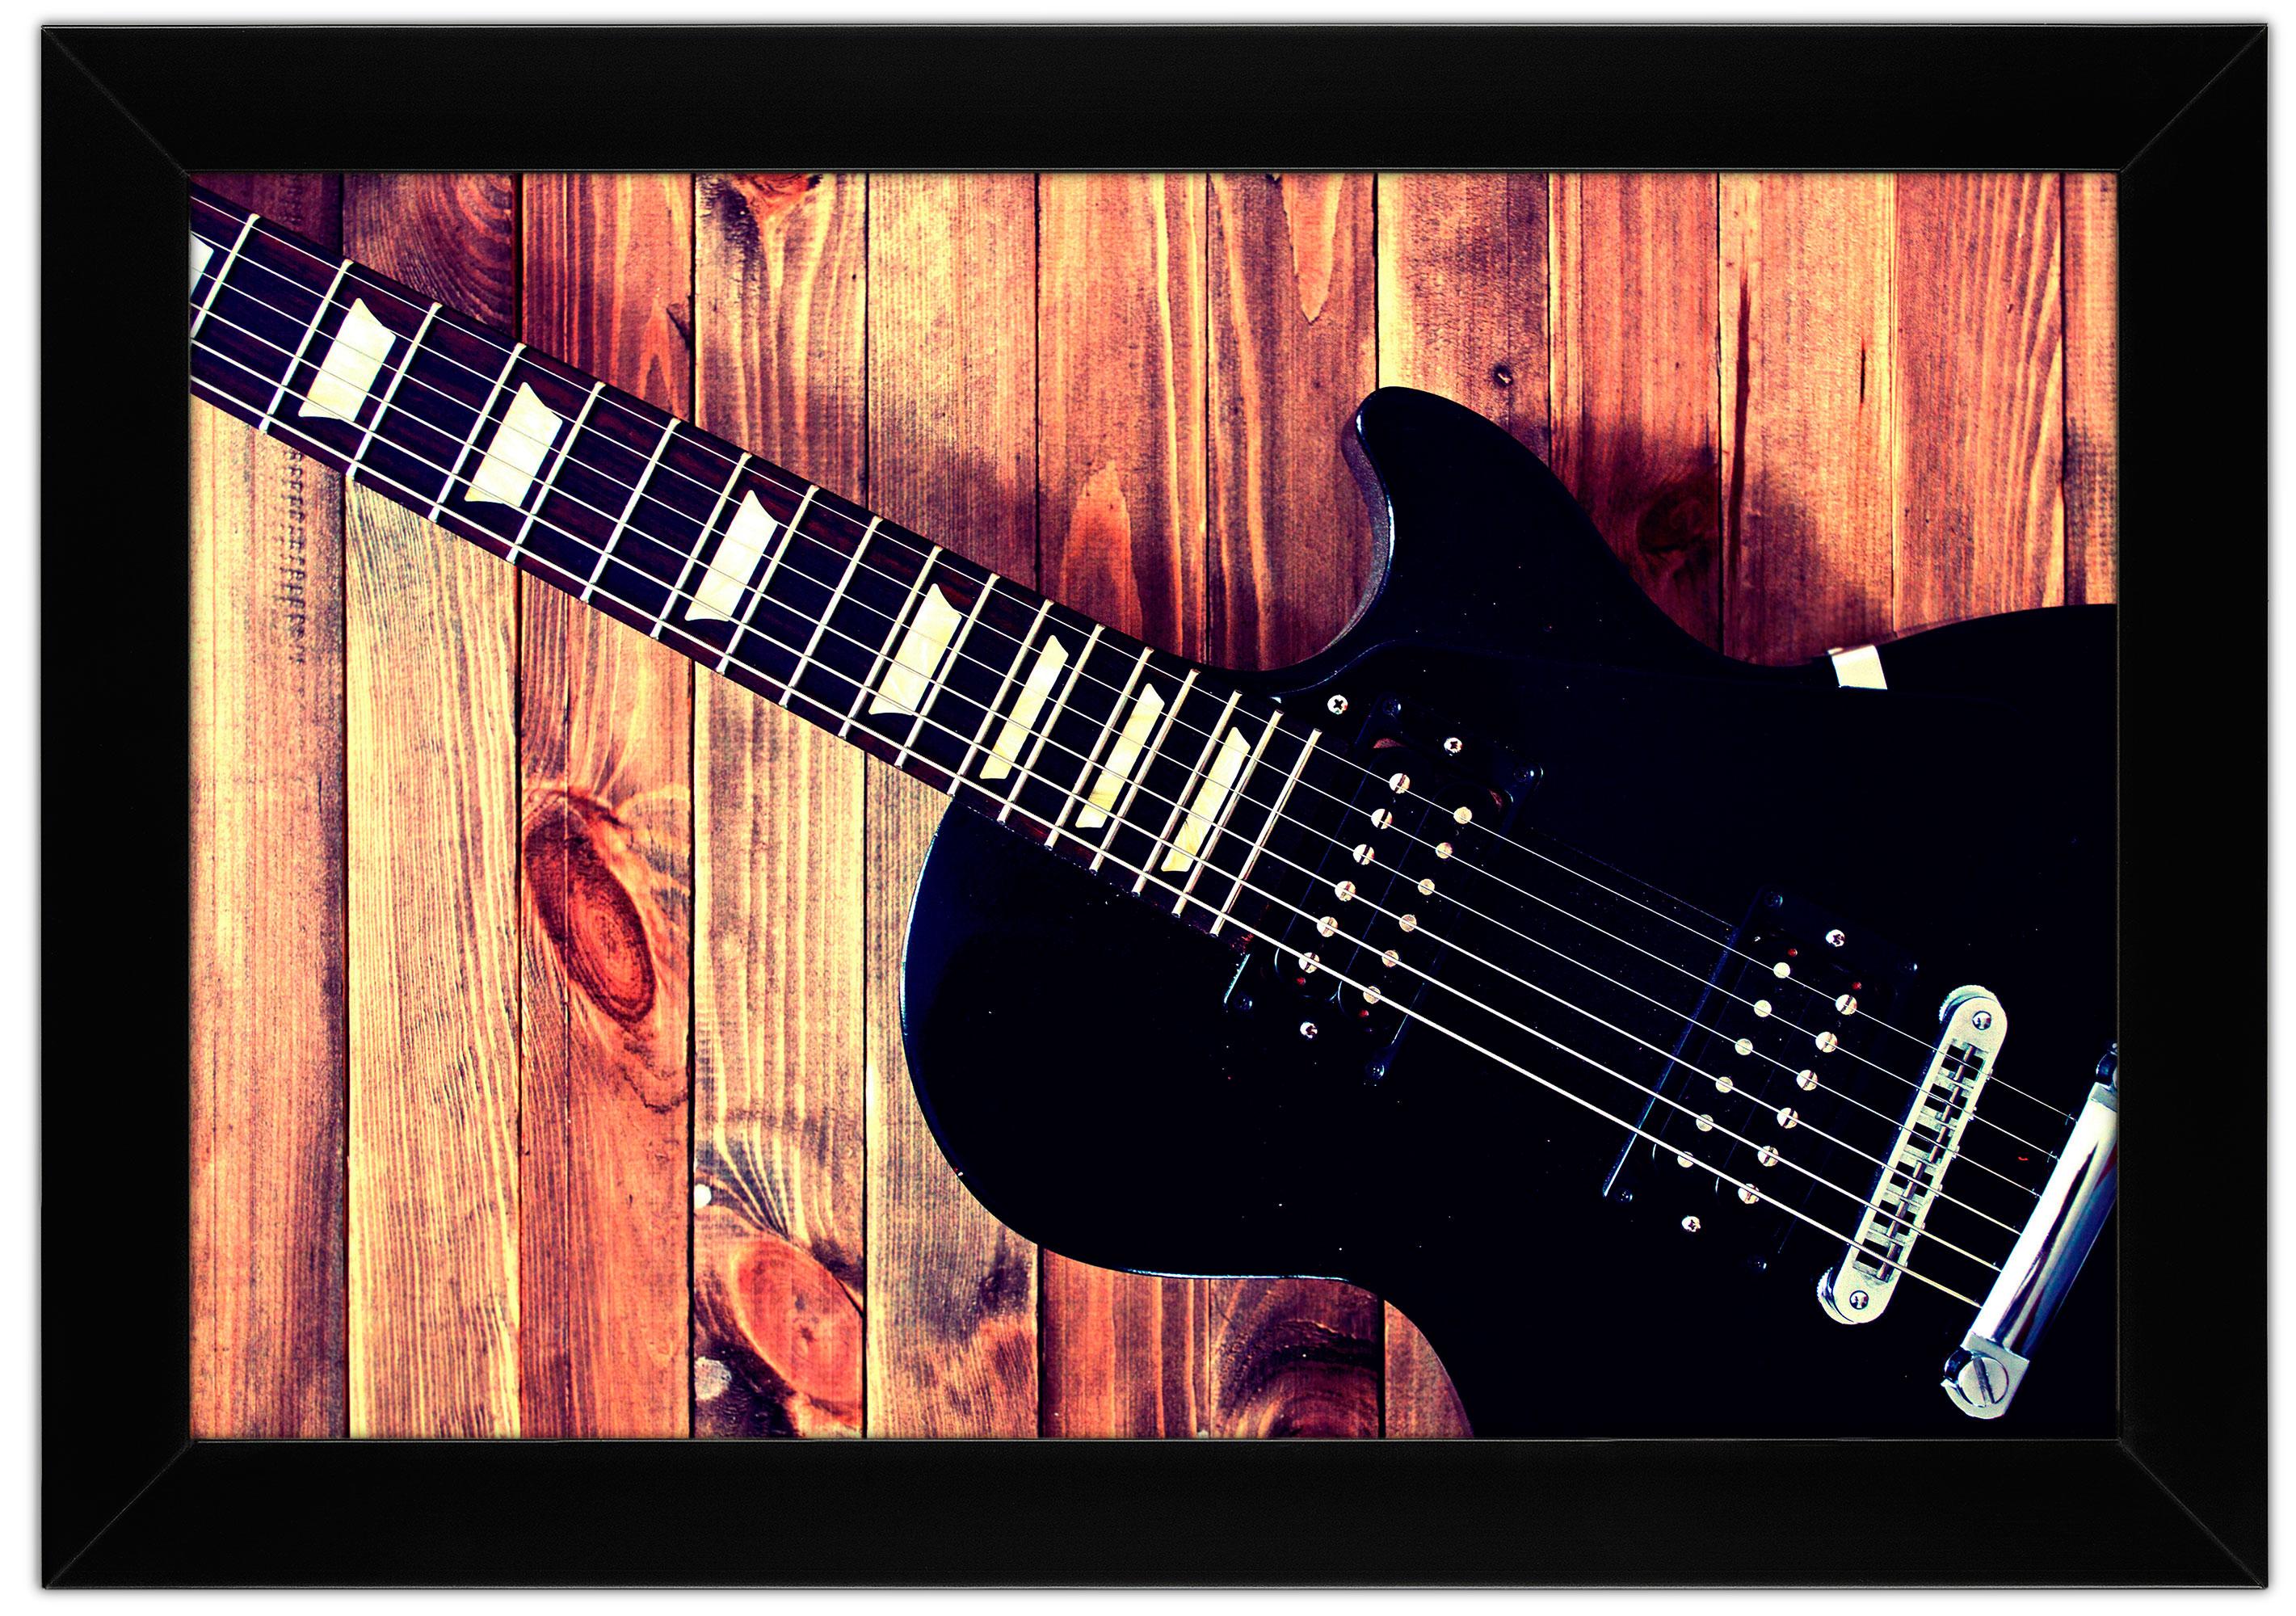 Quadro de guitarra elo7